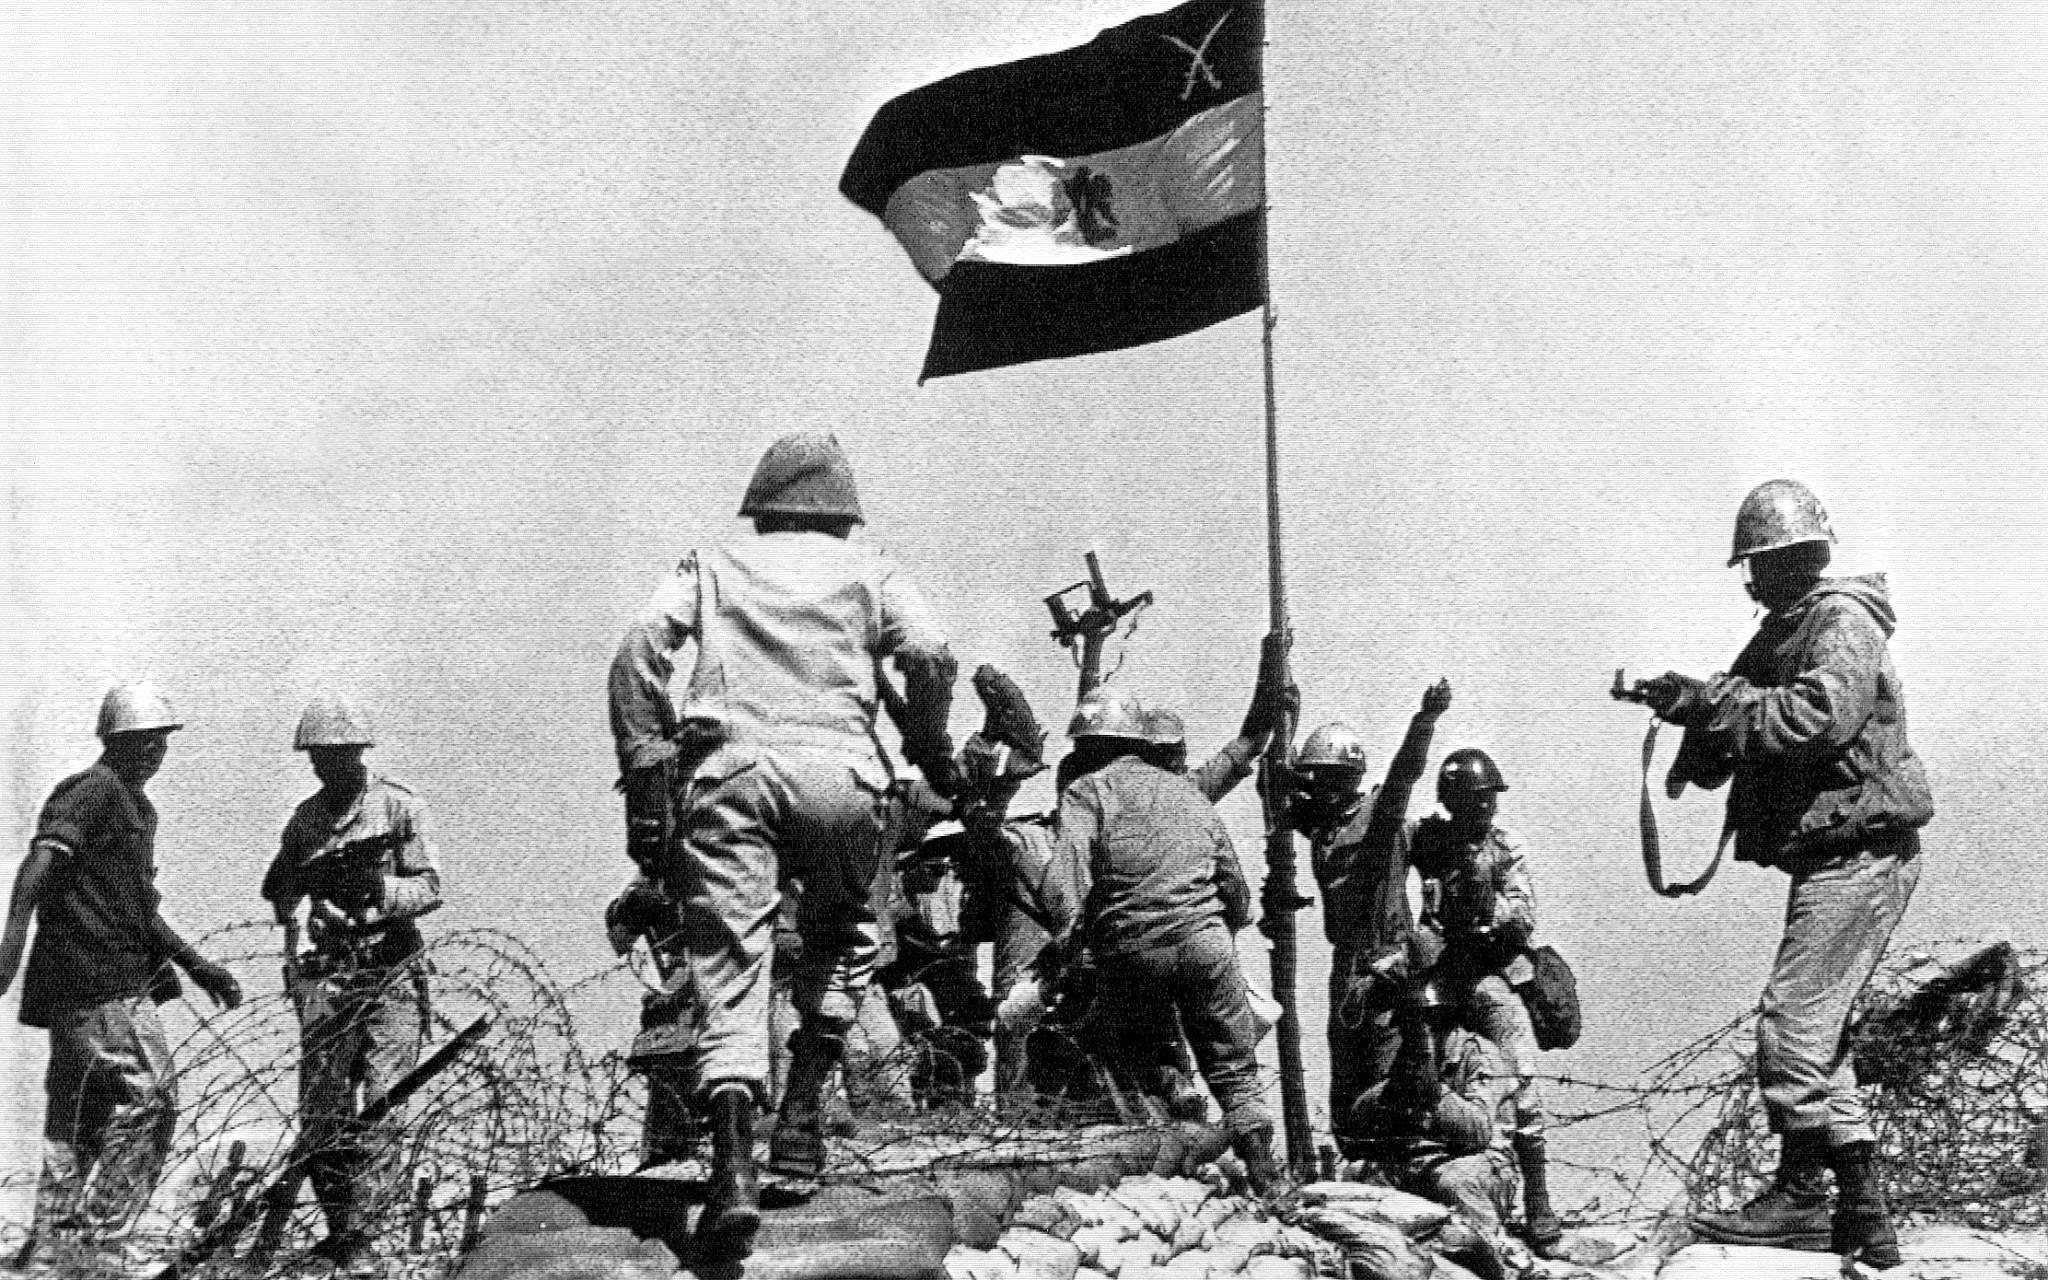 من حرب أكتوبر عام 1973... لم تتجاوز إسرائيل تبعاتها بعد (أ ب)